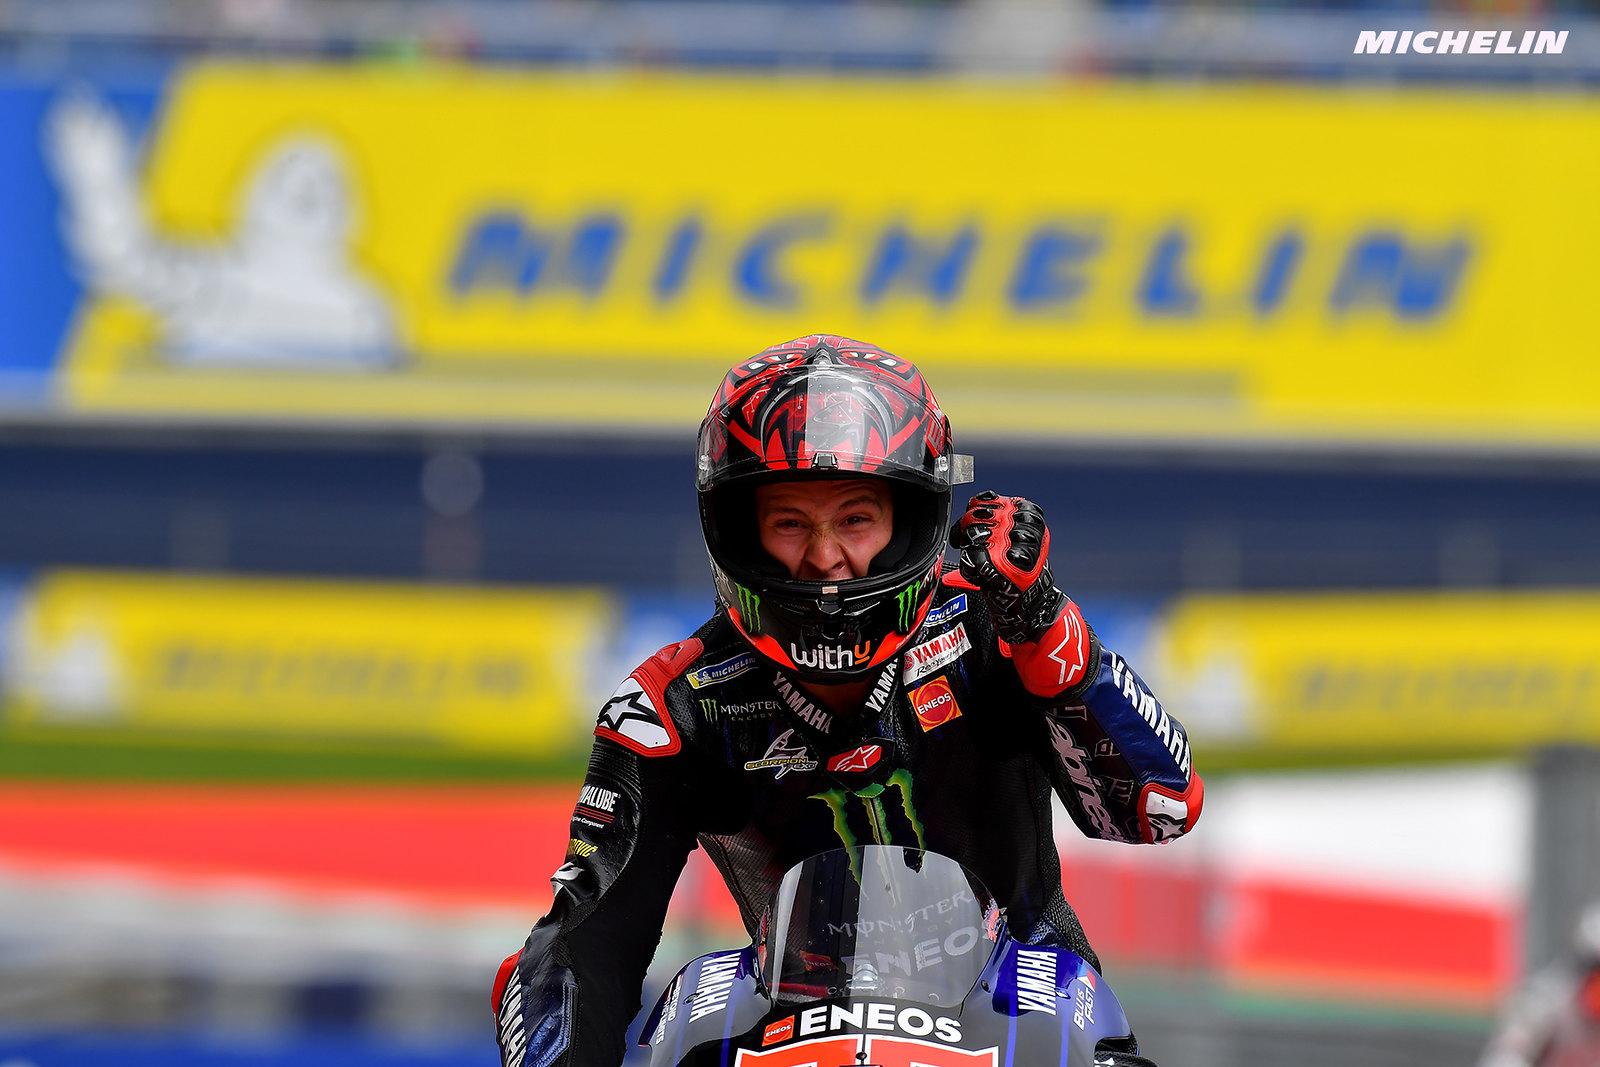 MotoGP2021スティリアGP 3位ファビオ・クアルタラロ「来週末に向けて準備を進めていきたい」